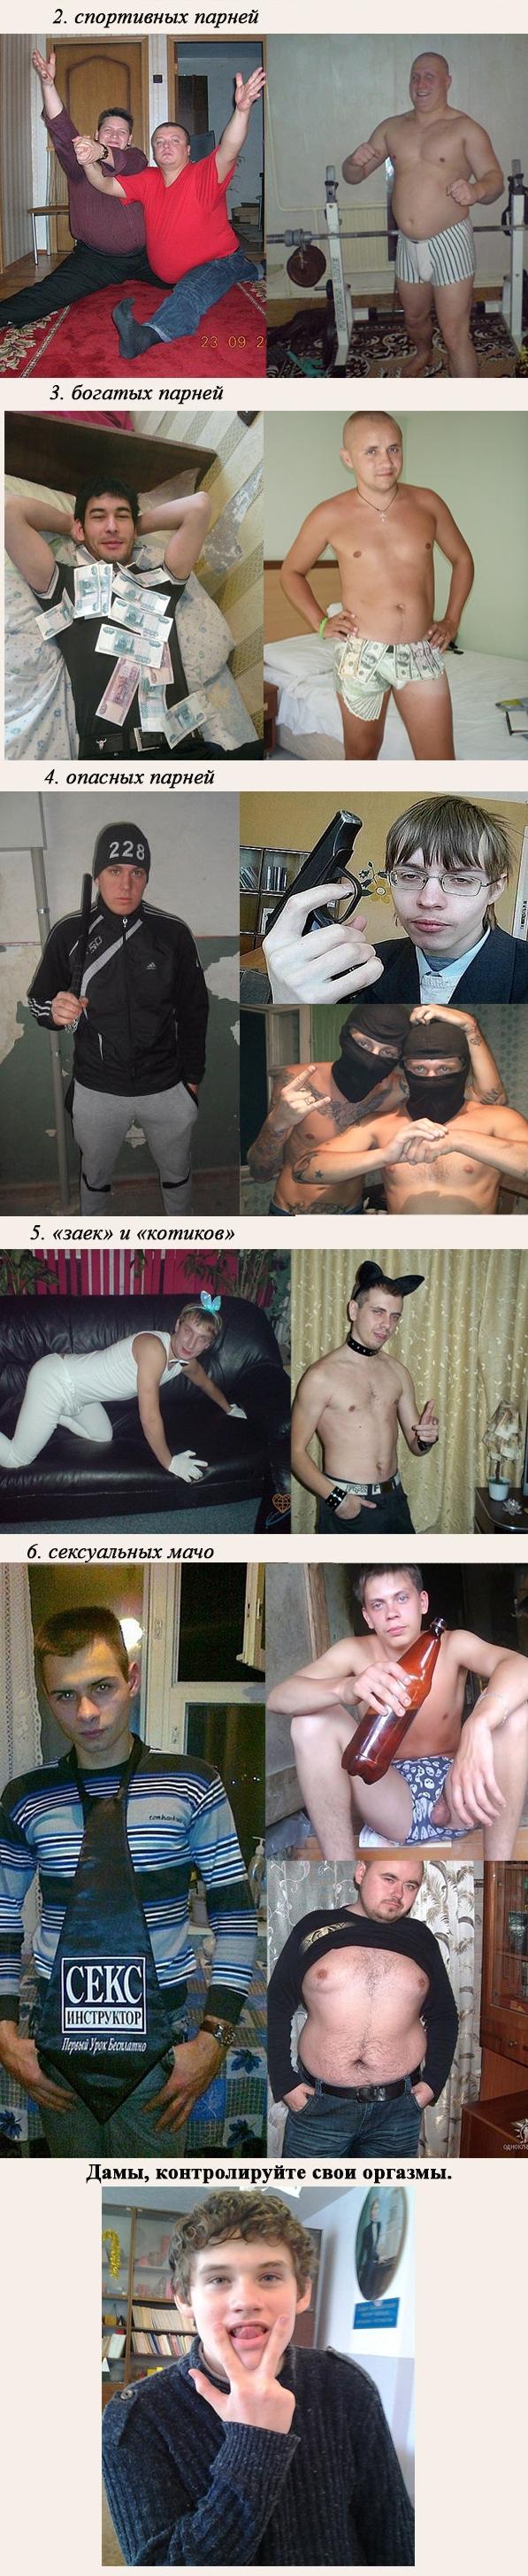 Какие парни нравятся девушкам